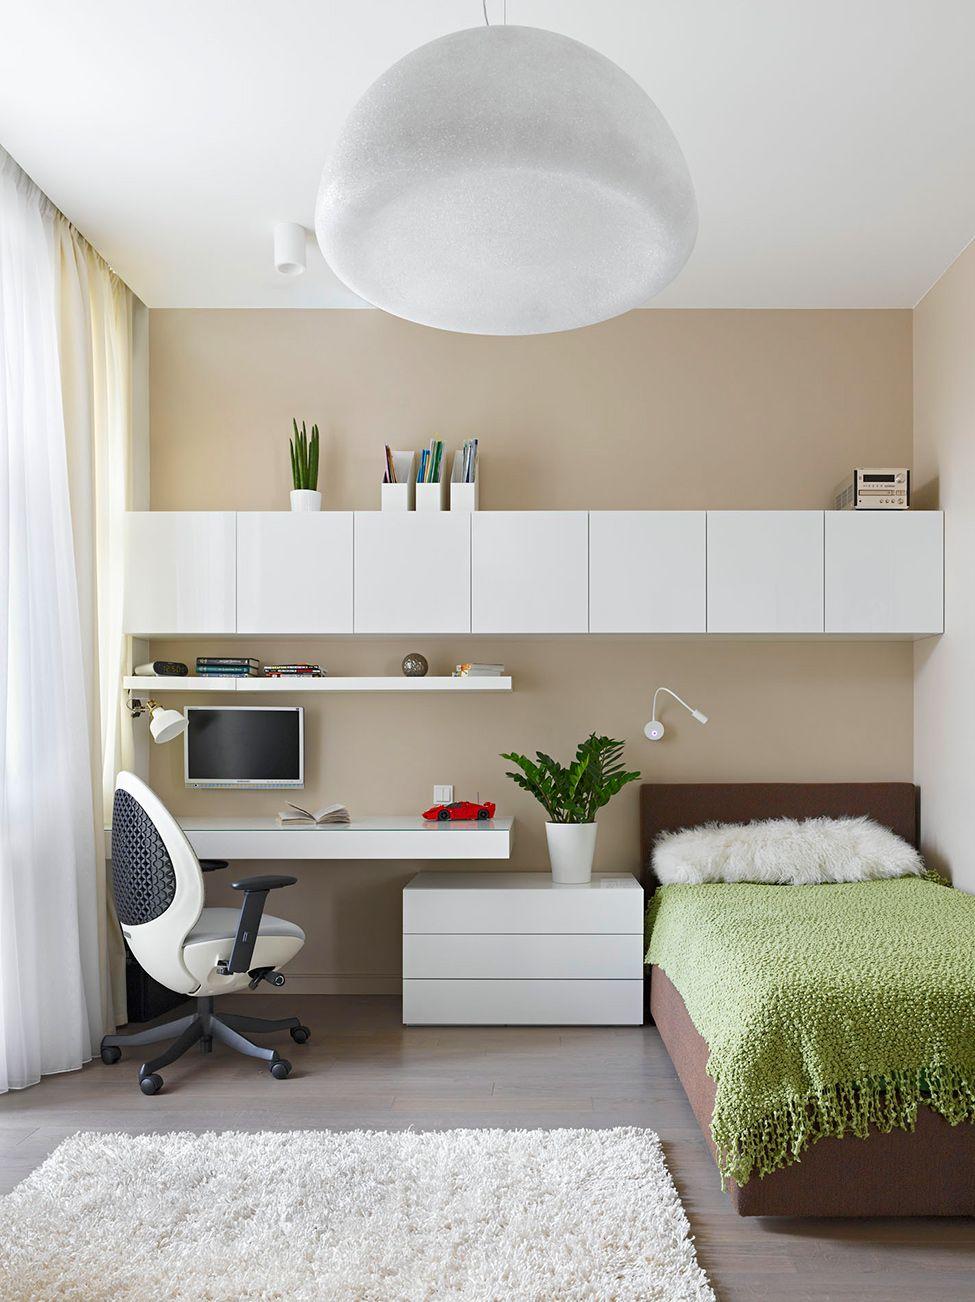 Teenage loft bedroom designs  Dormitorio con escritorio  nyt hjem  Pinterest  Design elements